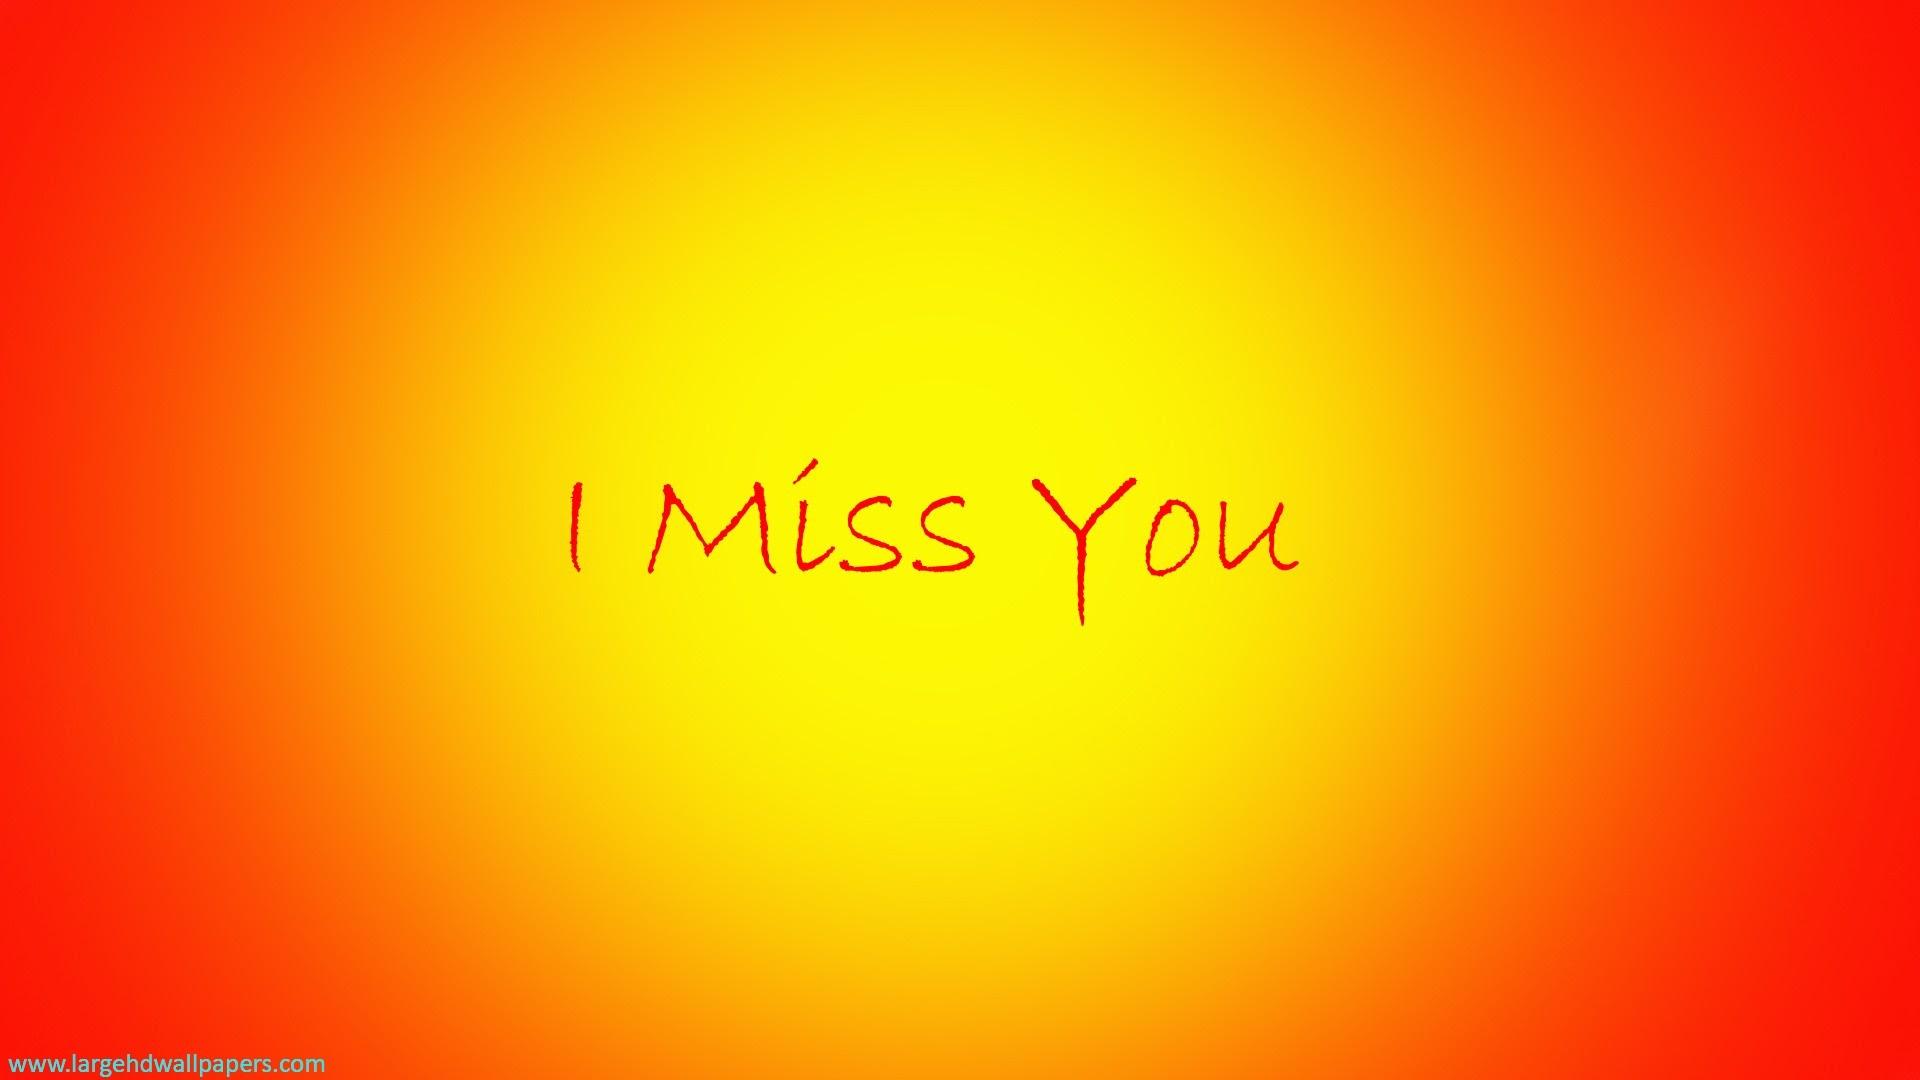 I Miss You Full Hd